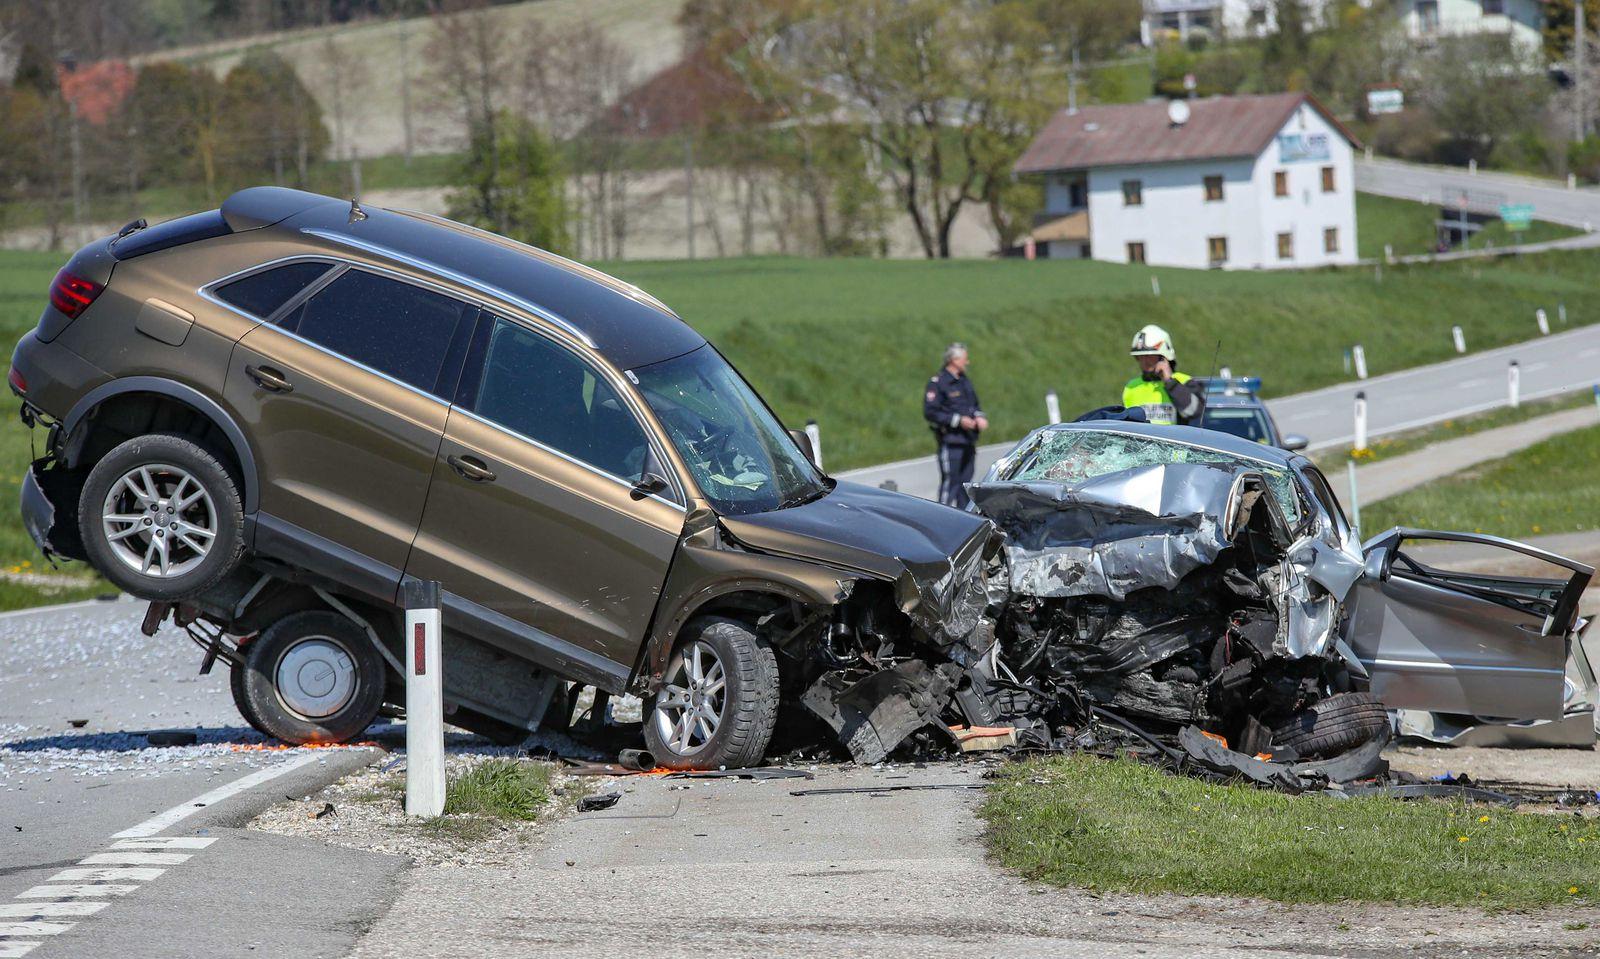 Der 77-jährige konnte noch selbst aus dem Fahrzeug aussteigen